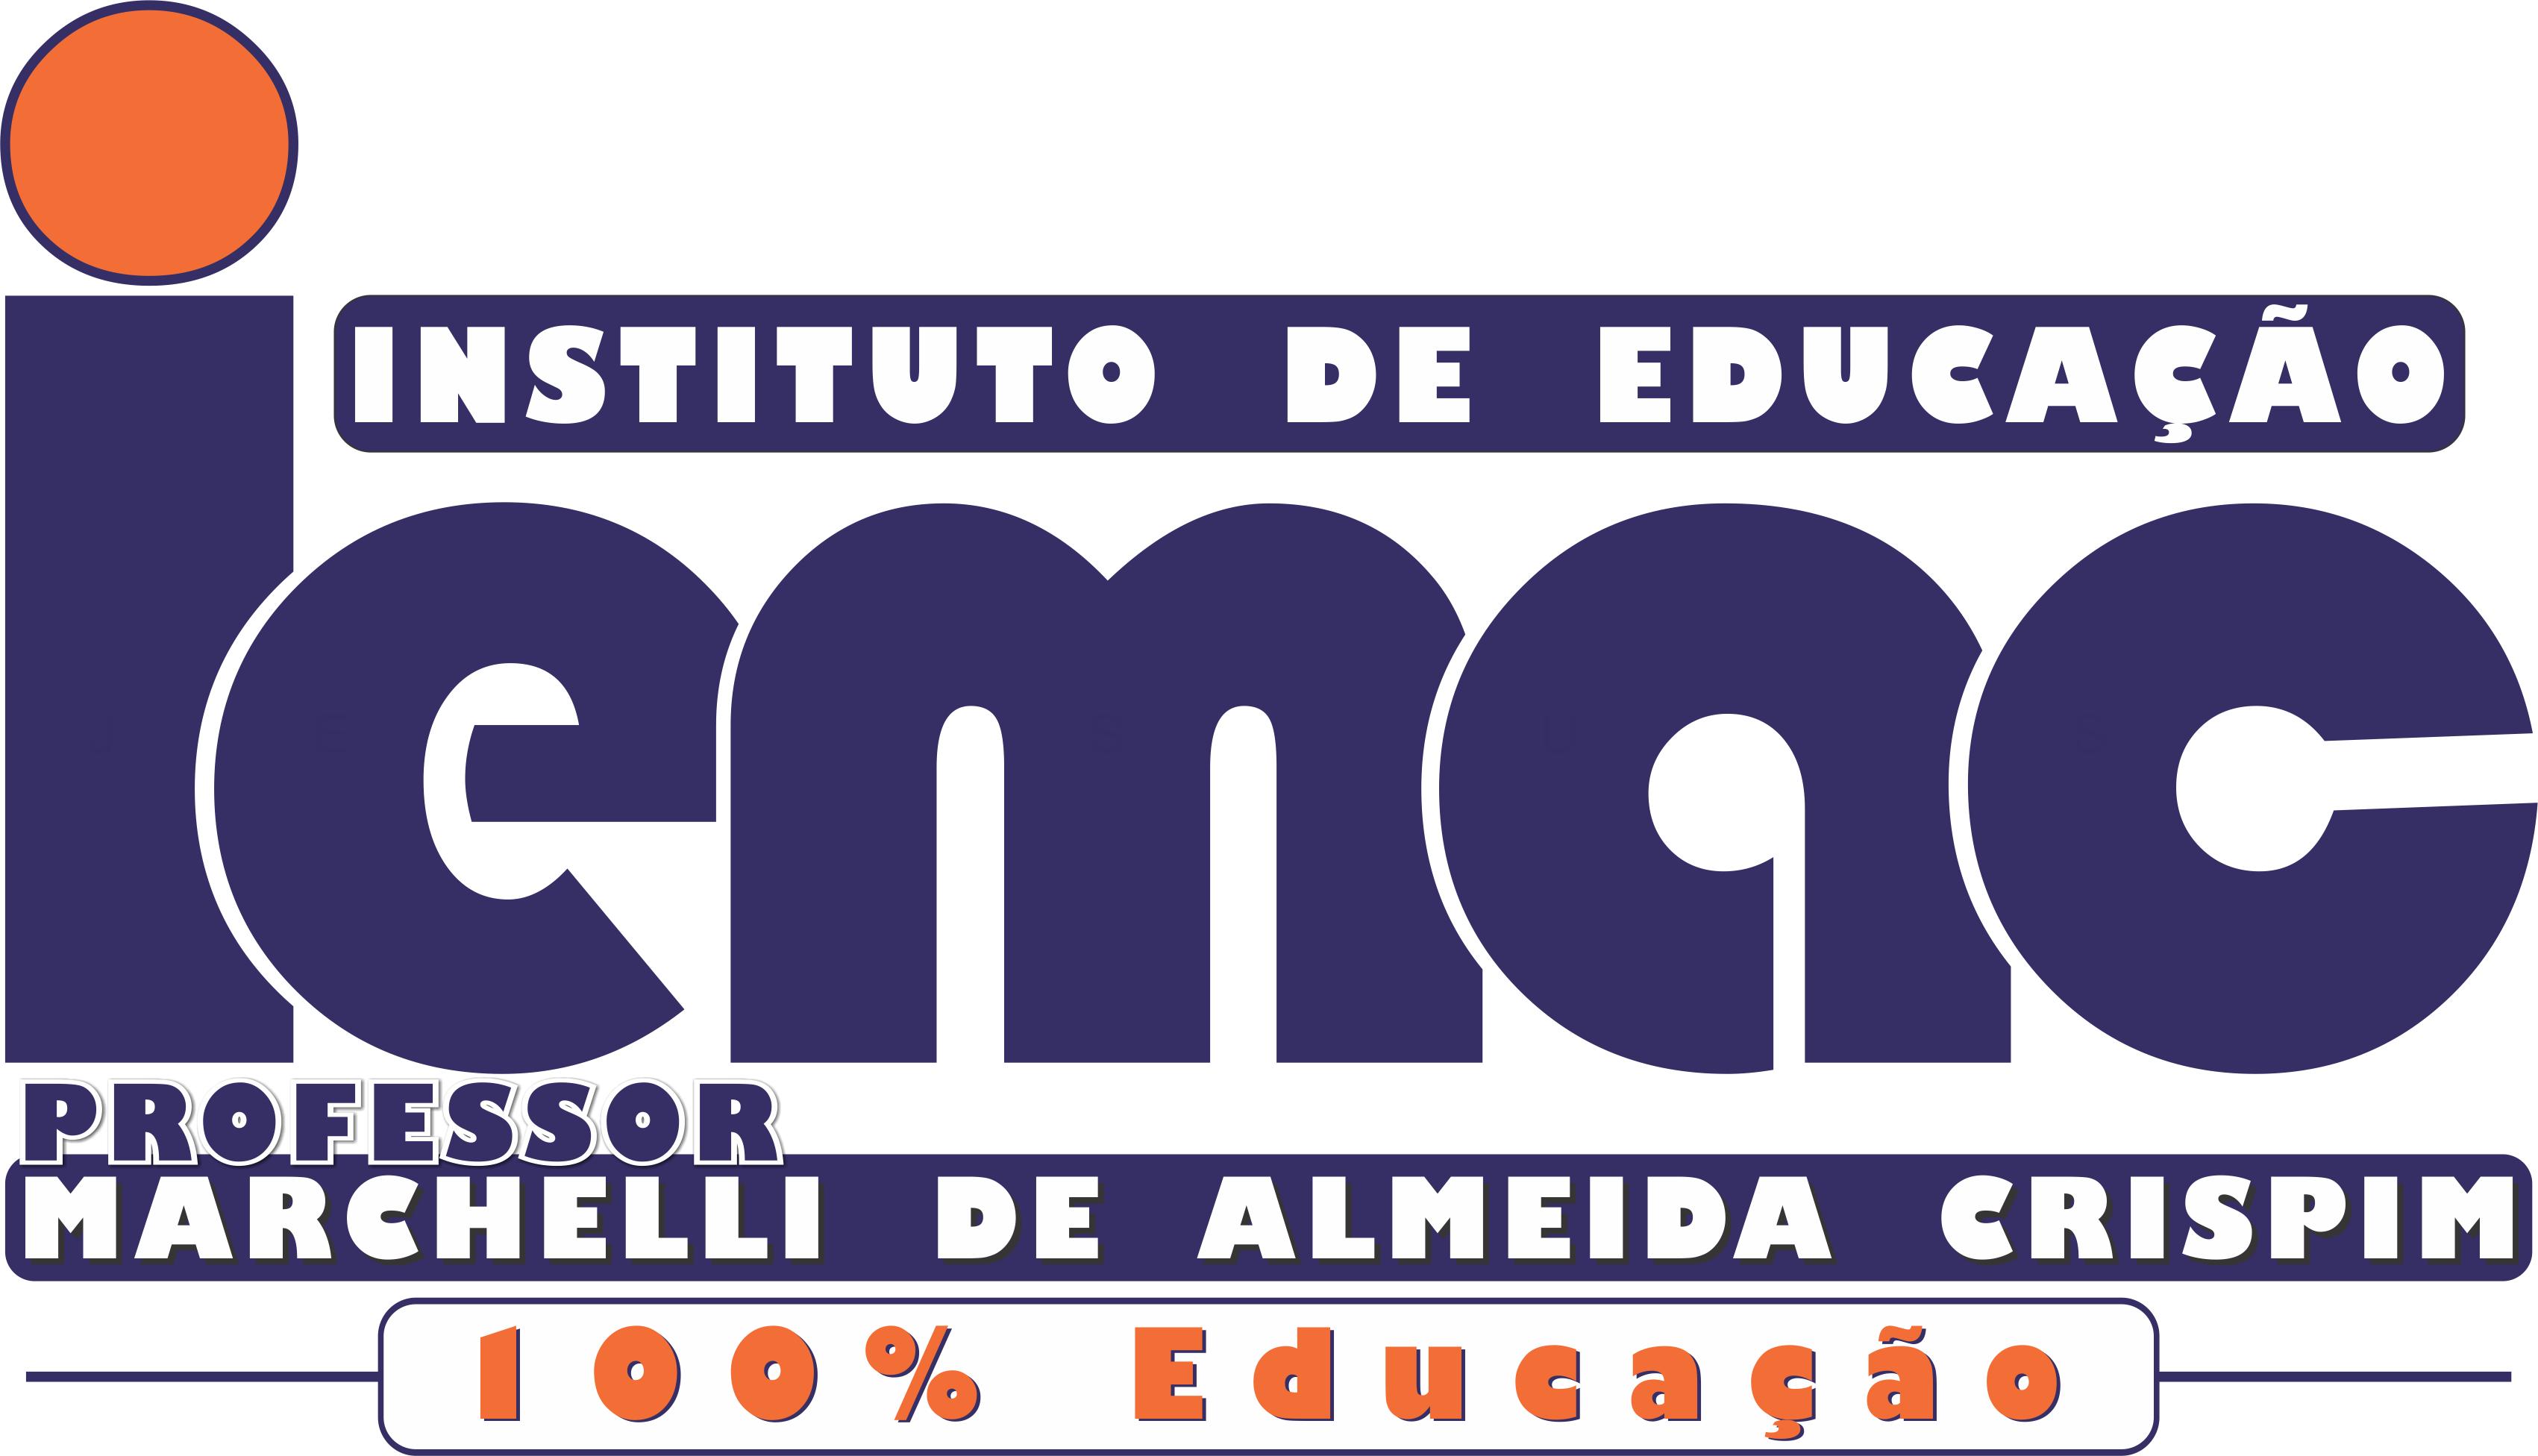 INSTITUTO DE EDUCAÇÃO PROFO MARCHELLI DE ALMEIDA CRISPIM